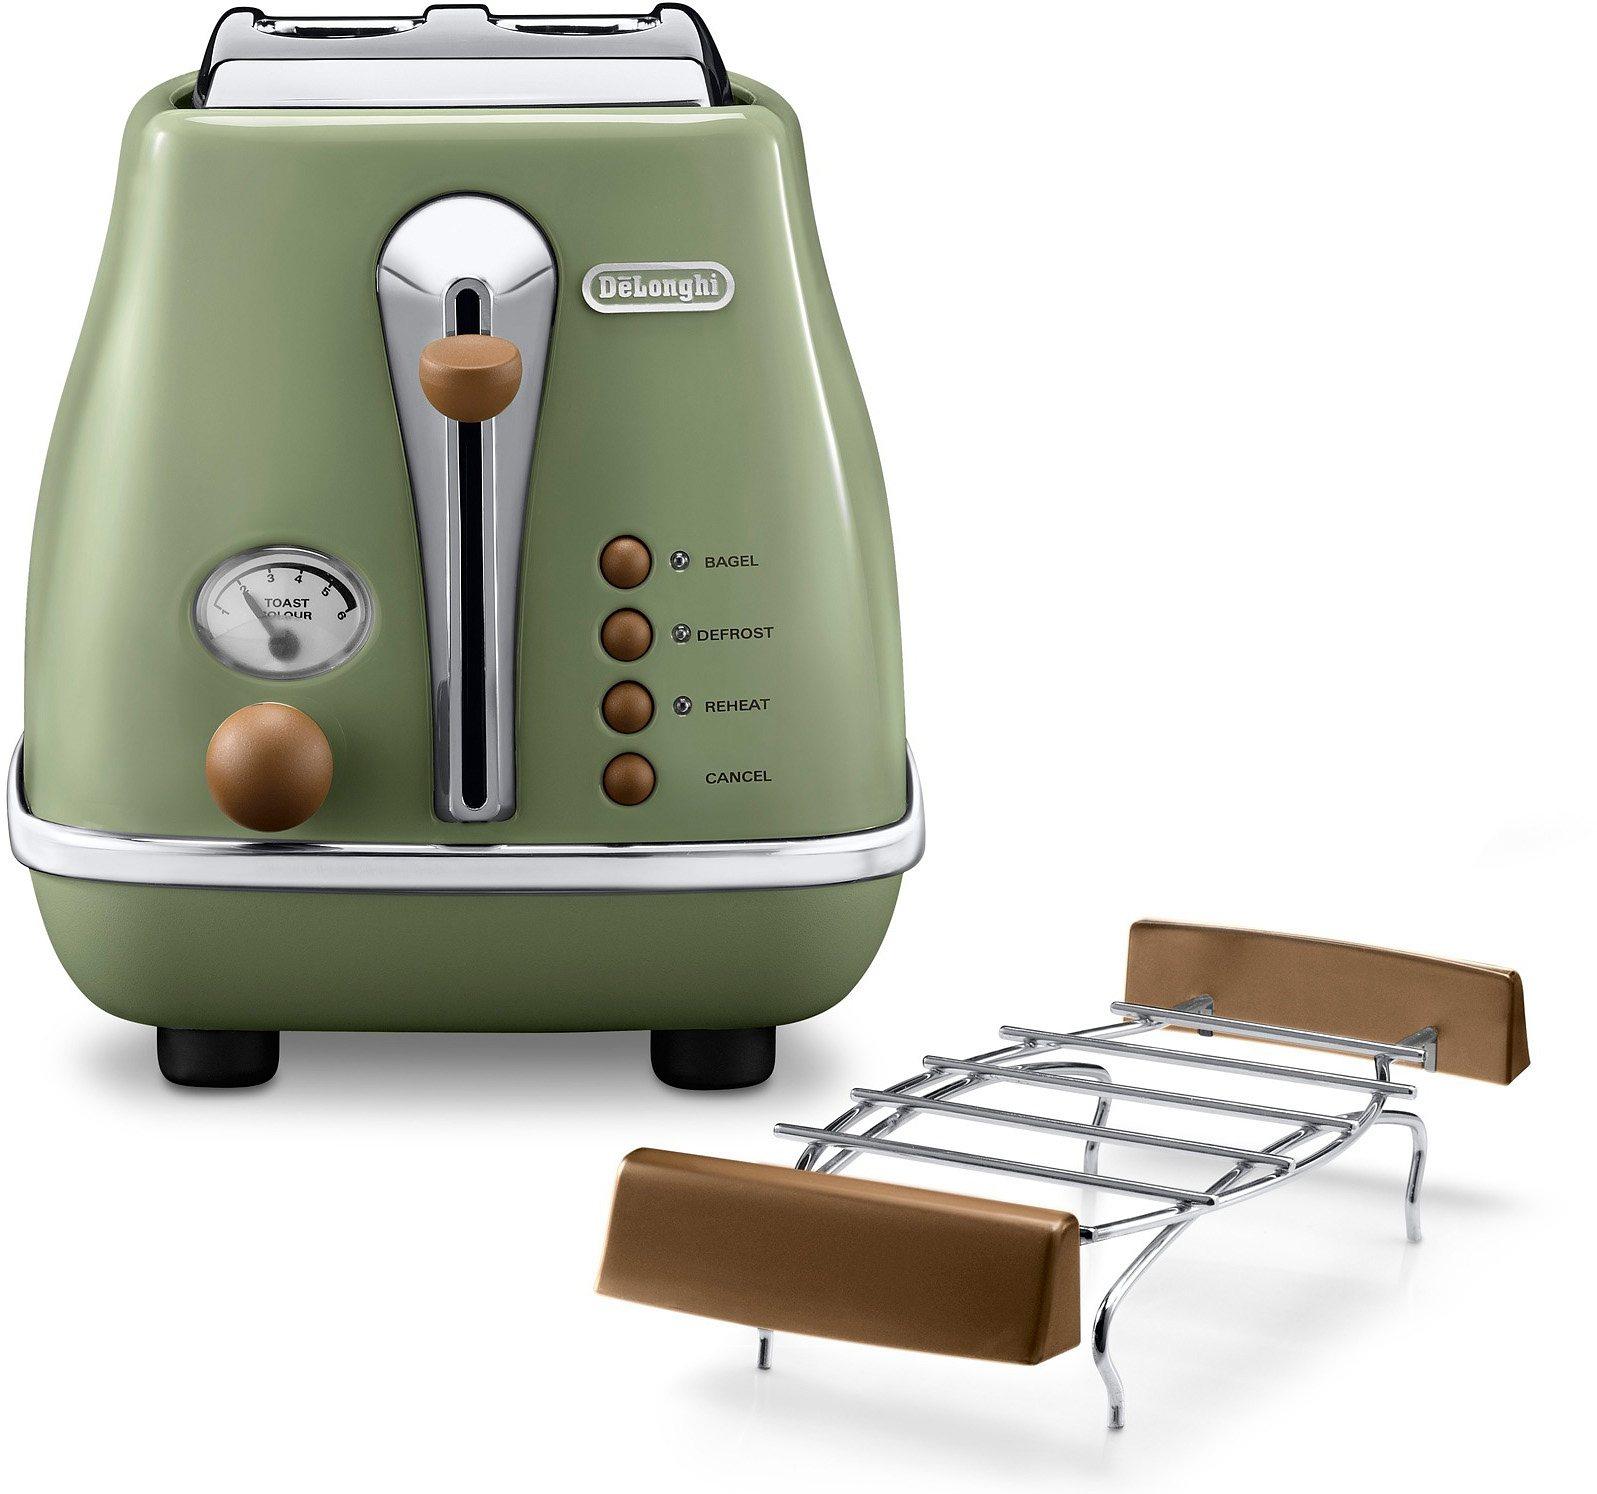 Toaster Bunt Preisvergleich • Die besten Angebote online kaufen